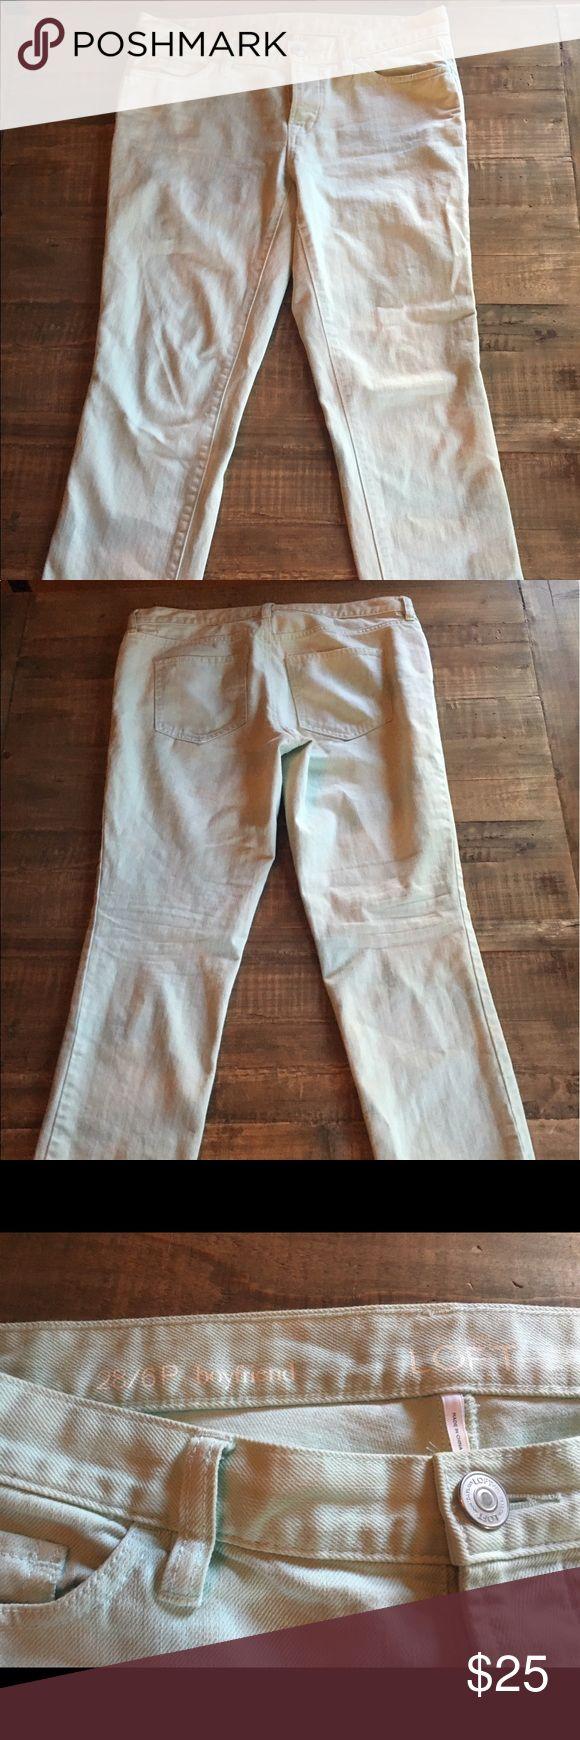 Loft Pale Aqua Jeans Loft Pale Aqua Boyfriend Ankle Length Jean size 6P LOFT Pants Ankle & Cropped